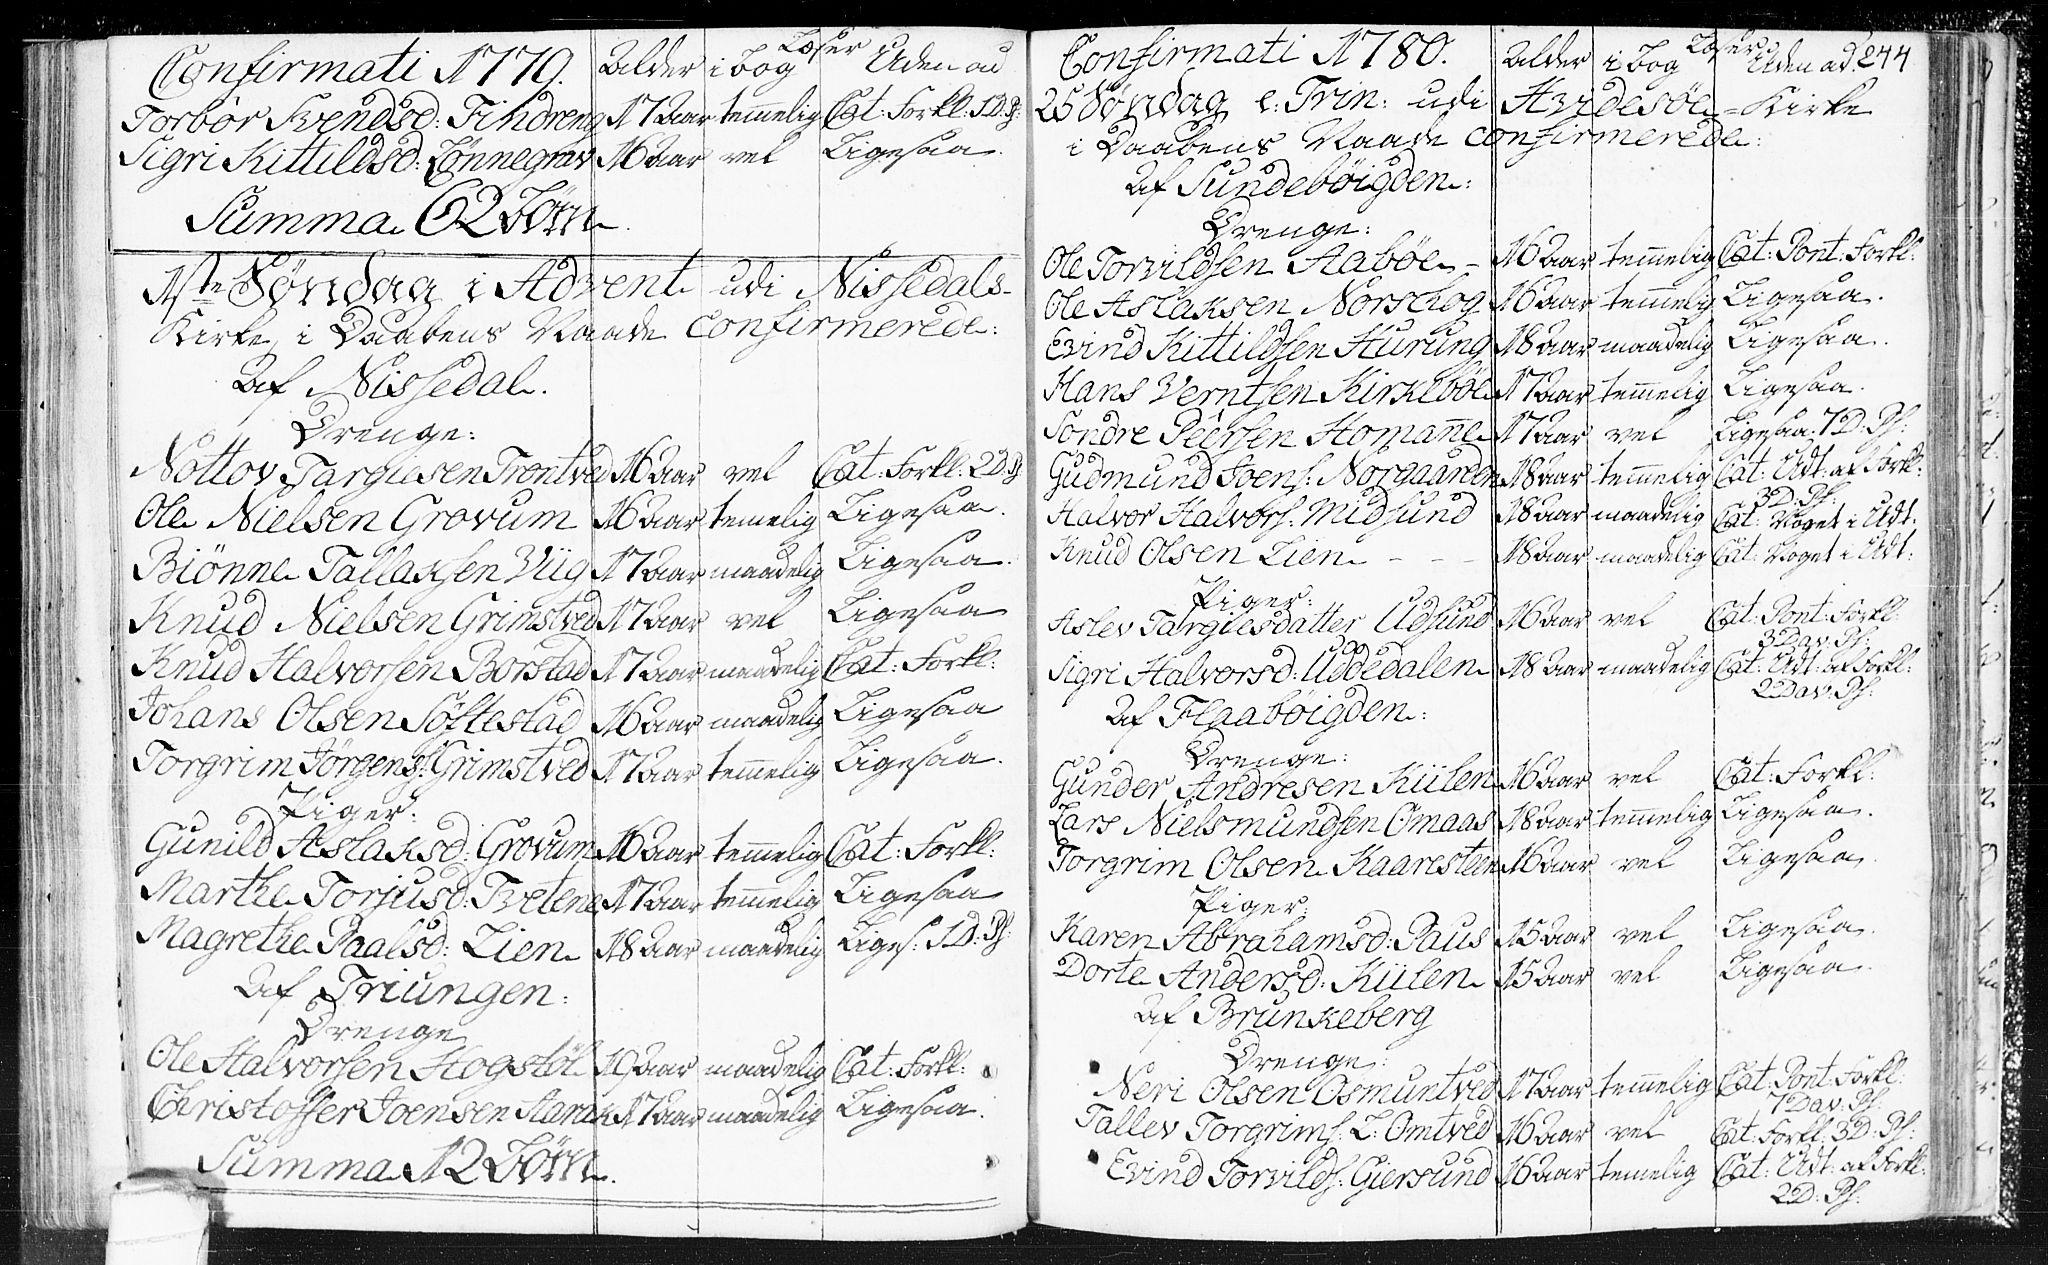 SAKO, Kviteseid kirkebøker, F/Fa/L0002: Ministerialbok nr. I 2, 1773-1786, s. 244